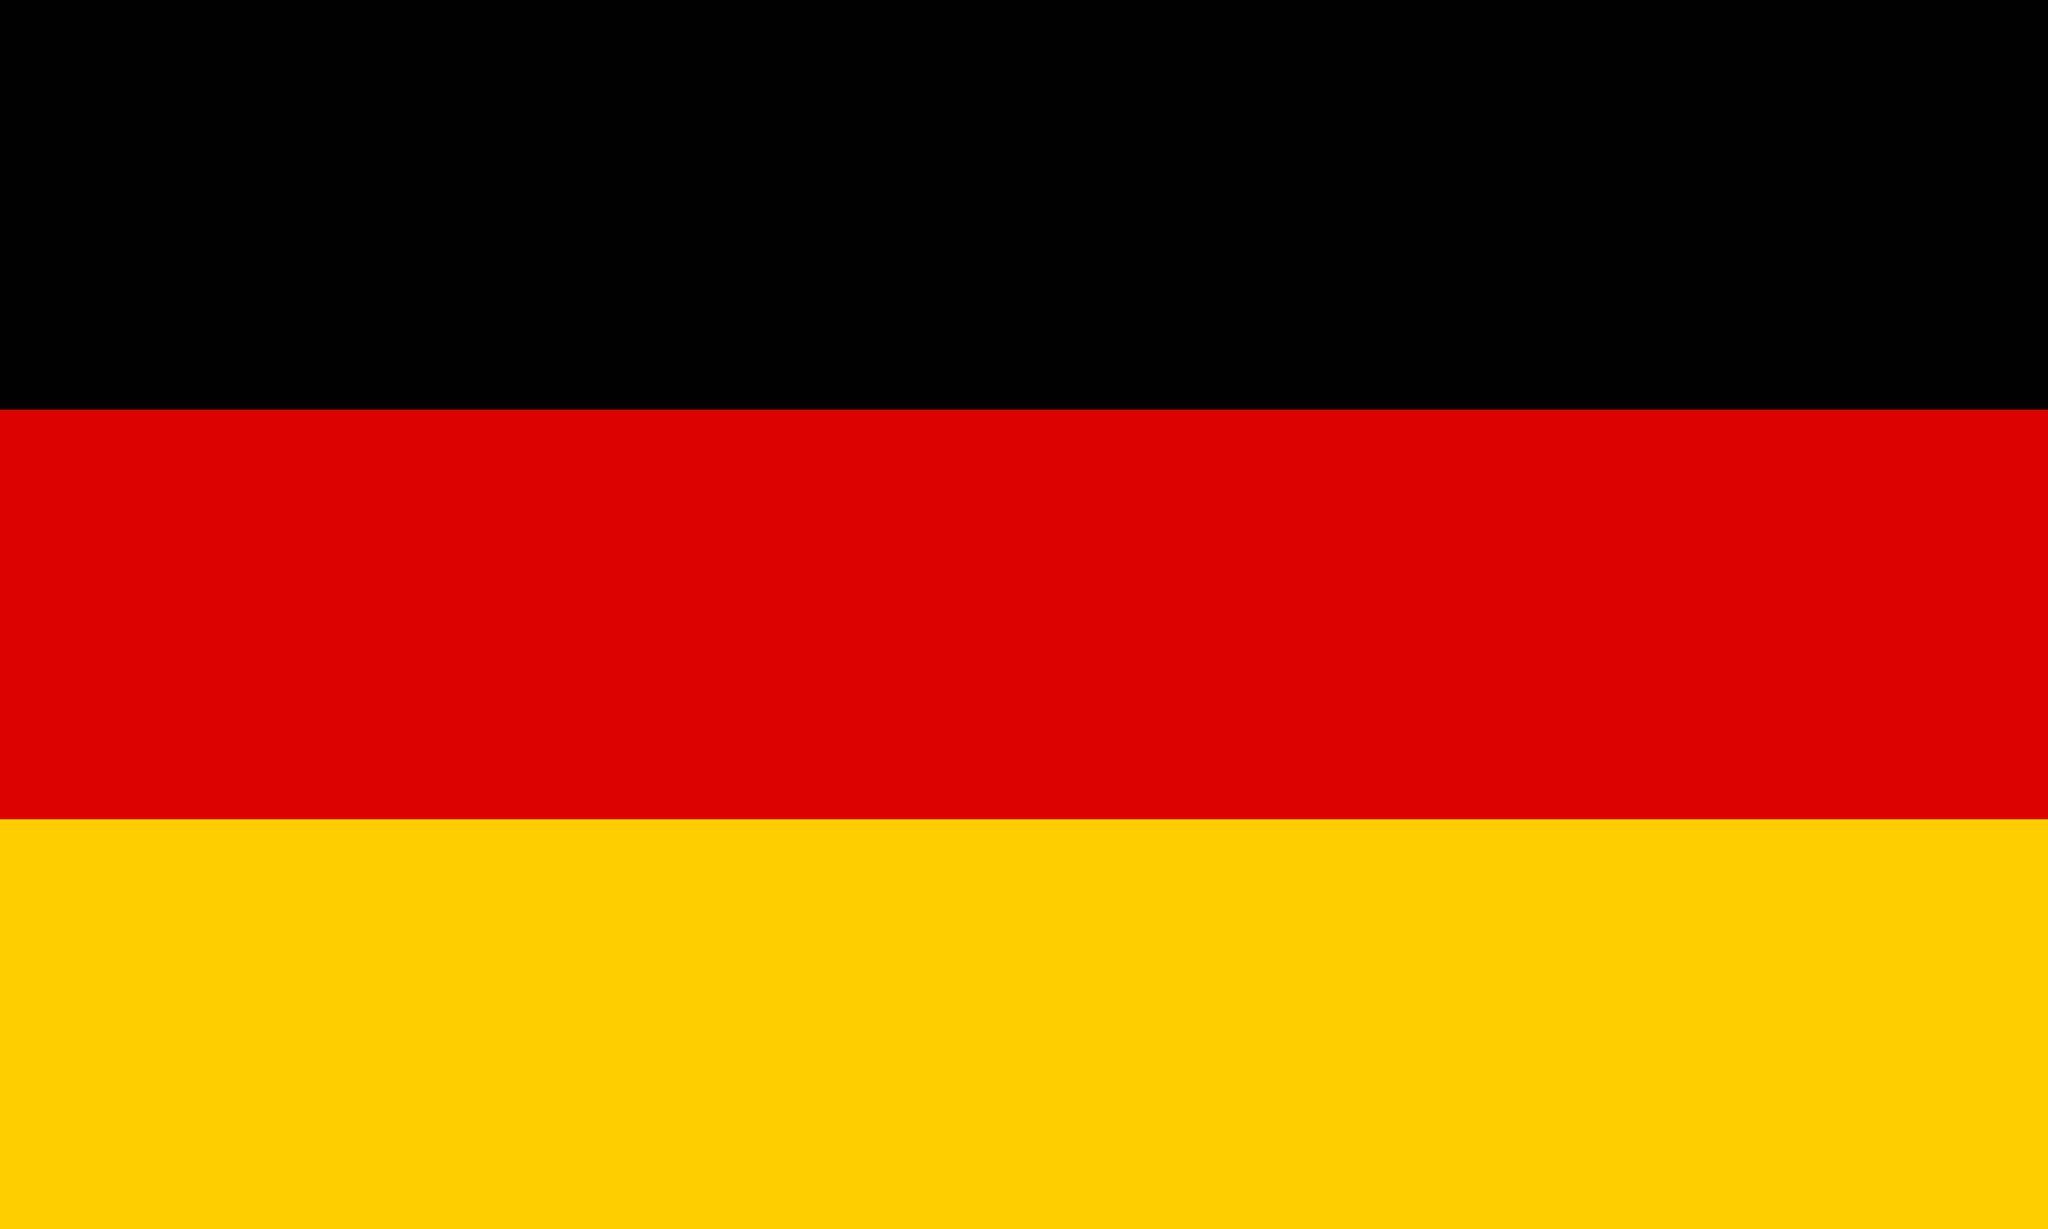 Drapeau allemand - Drapeau portugais a imprimer ...